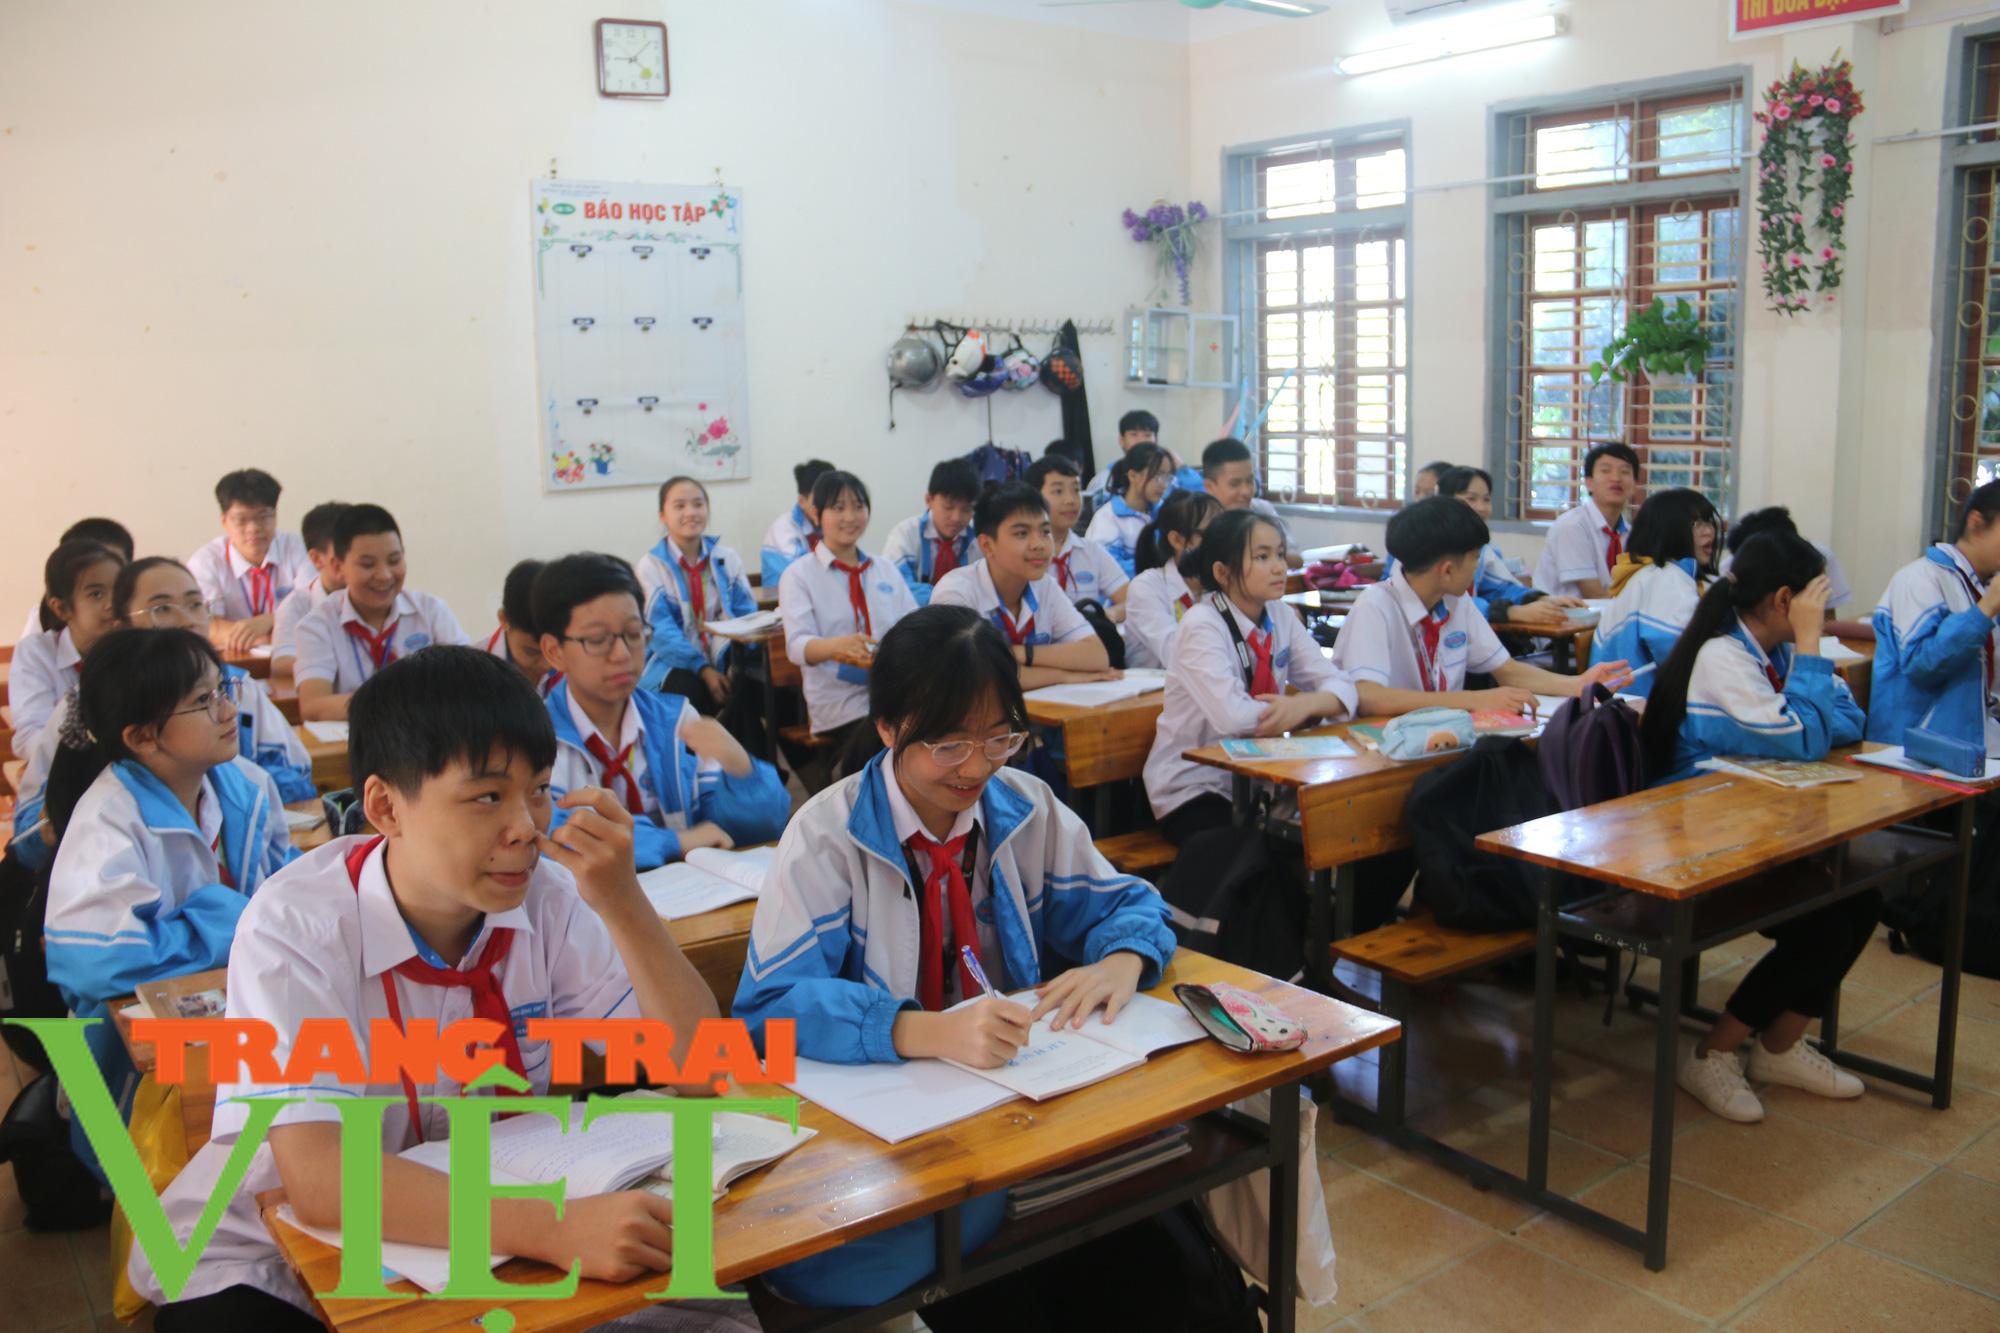 BHXH Mai Sơn: Thực hiện tốt bảo hiểm y tế học sinh - Ảnh 1.